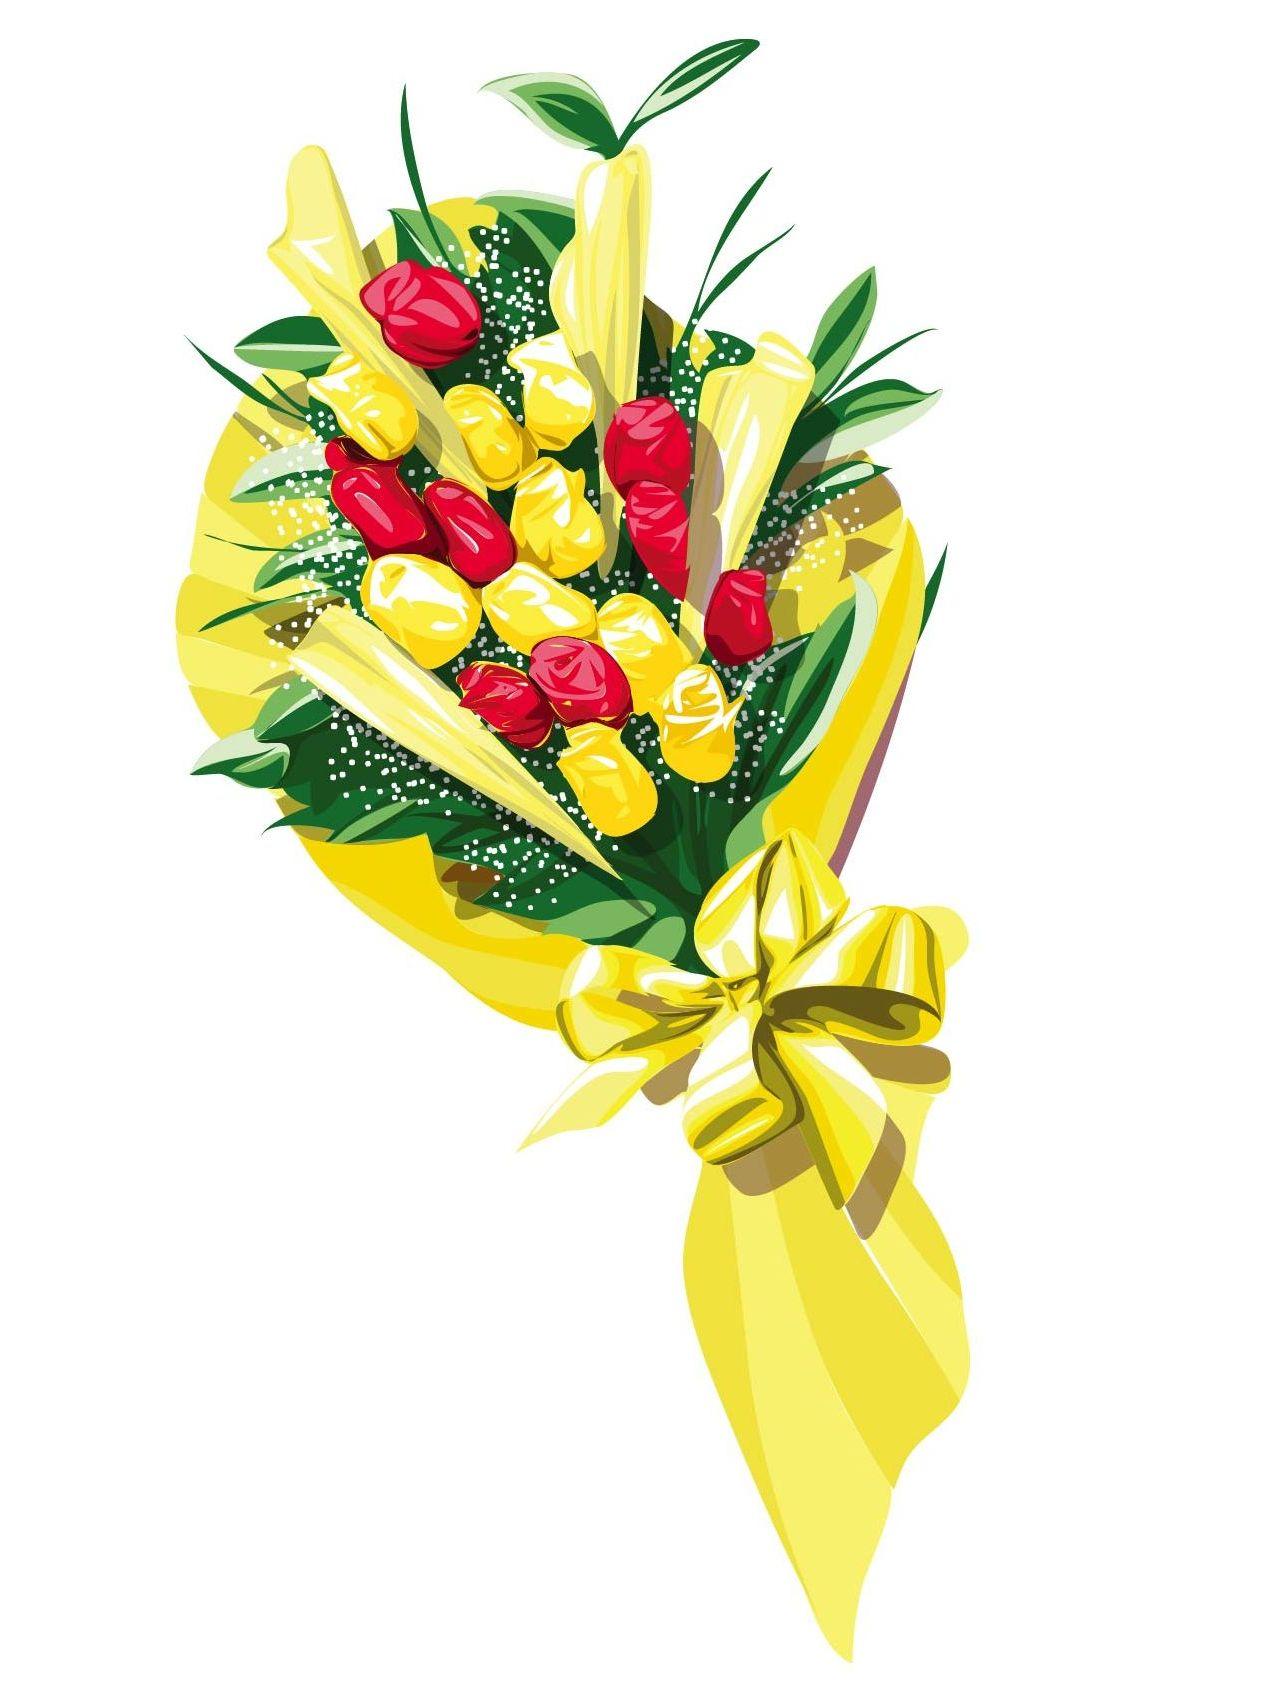 花束のイラスト素材ギフトプレゼントアイテムillustrator用